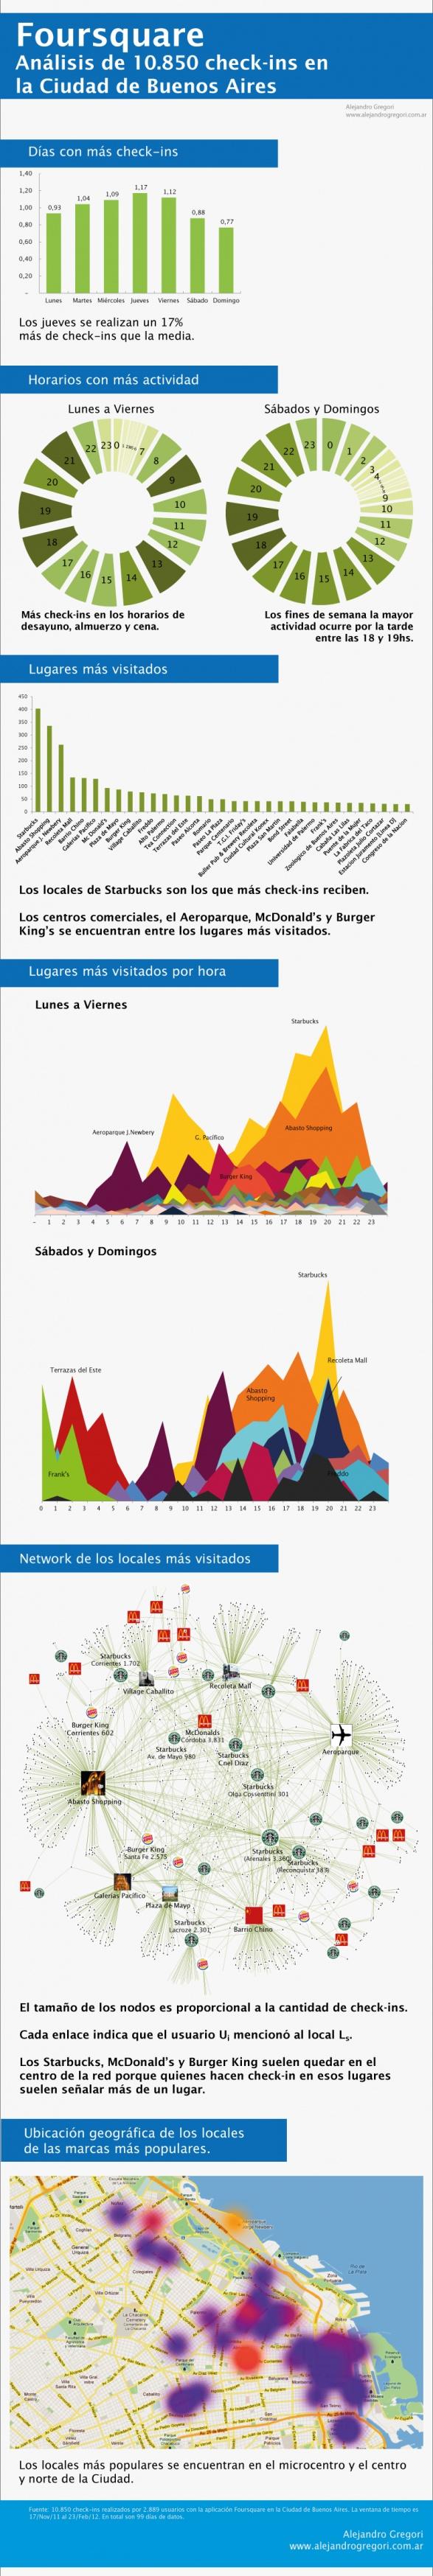 Producción de Valor - Blog de Alejandro Gregori: Infografía Foursquare: Análisis de 10.850 check-ins en la Ciudad de Buenos Aires